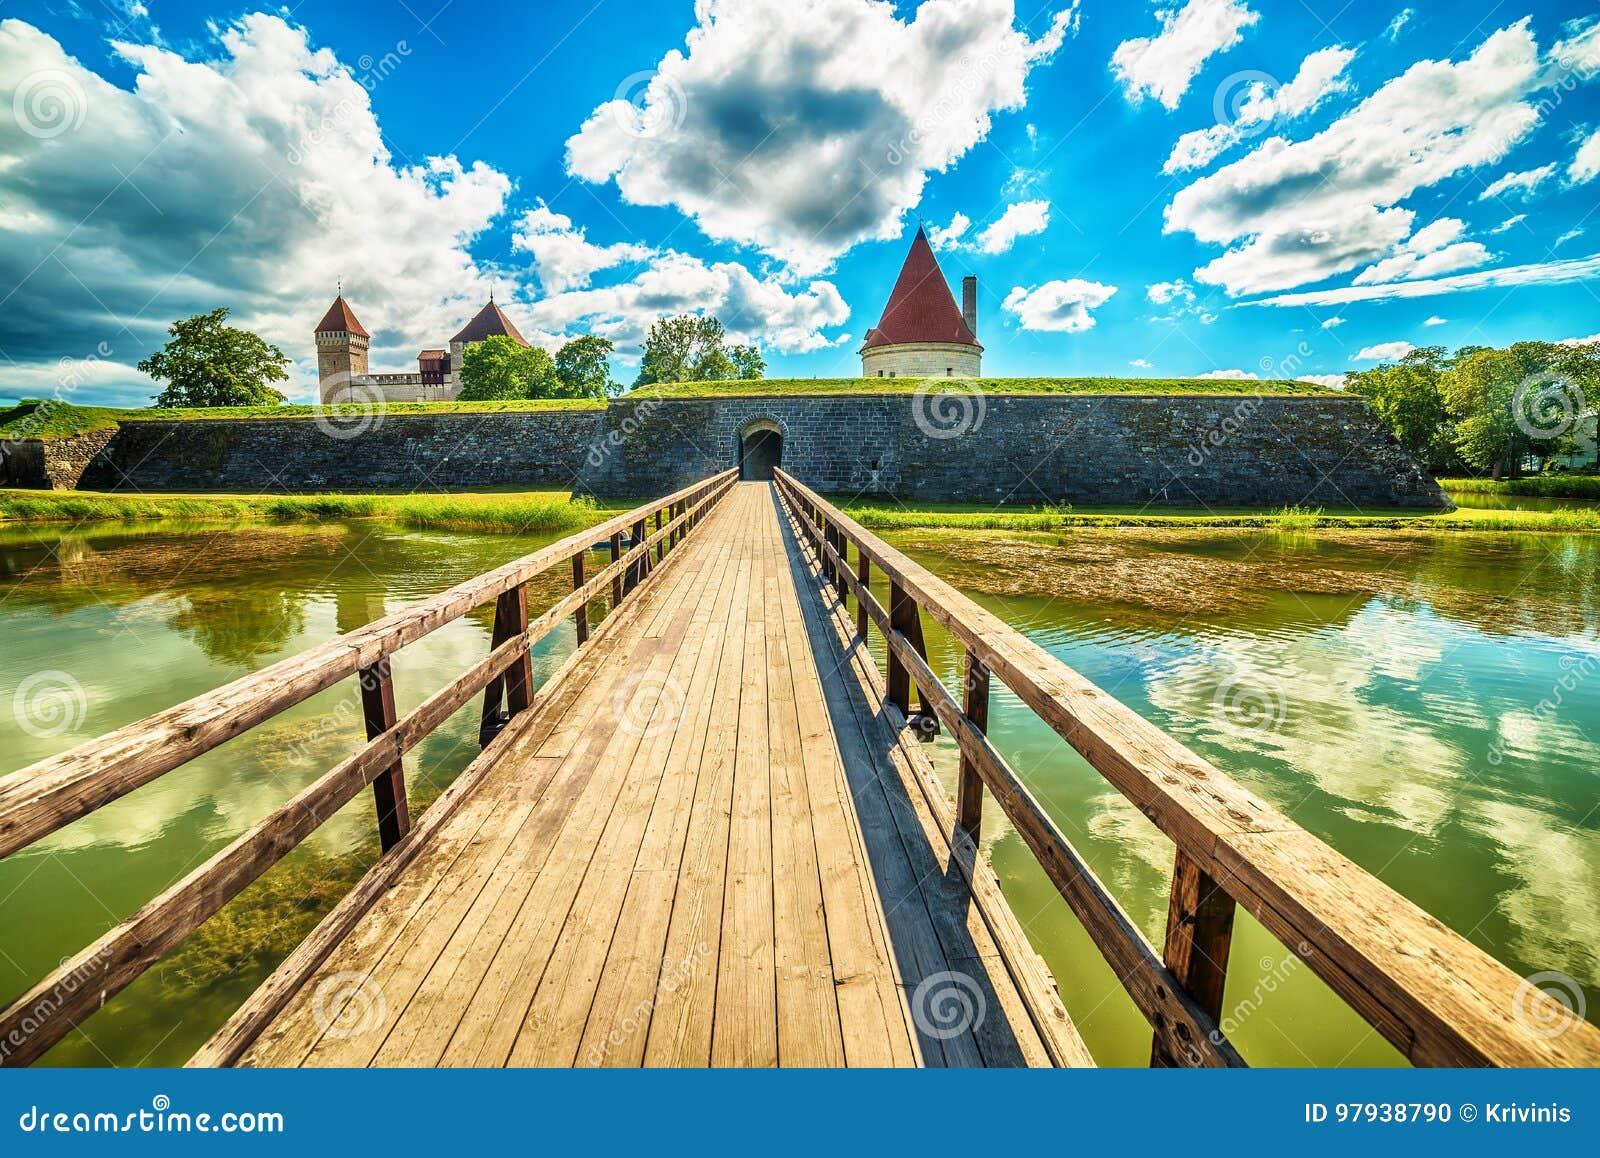 Остров Saarema, Эстония: Замок Kuressaare епископский